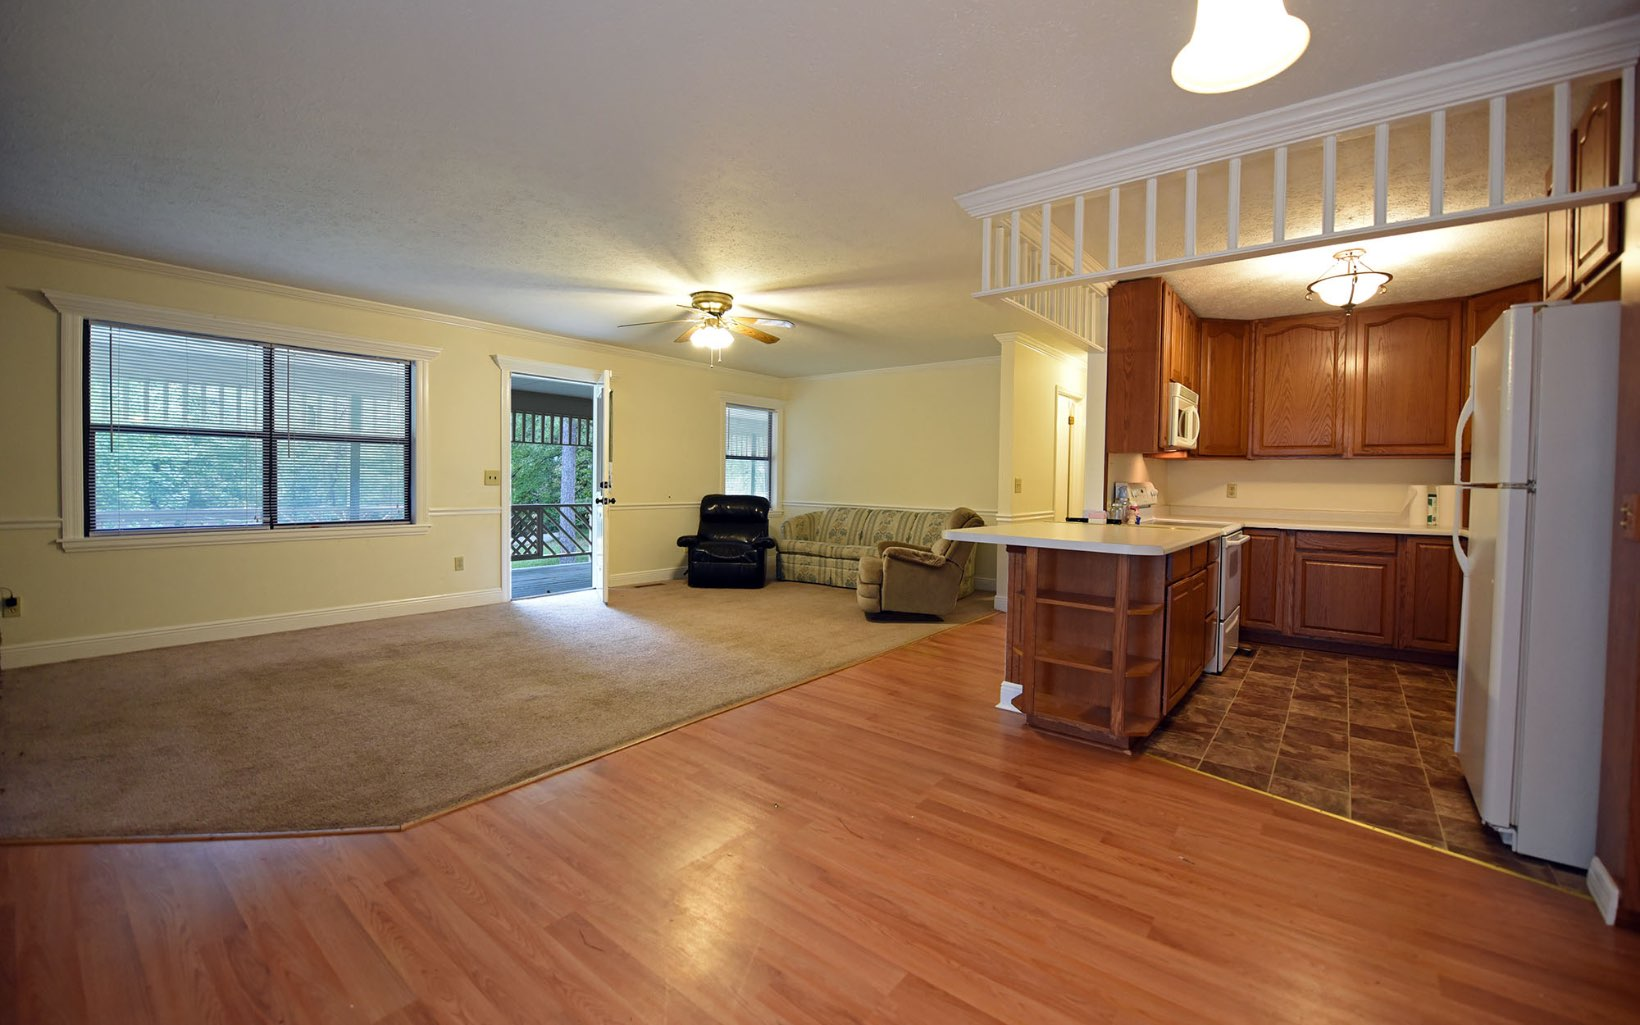 282638  Residential